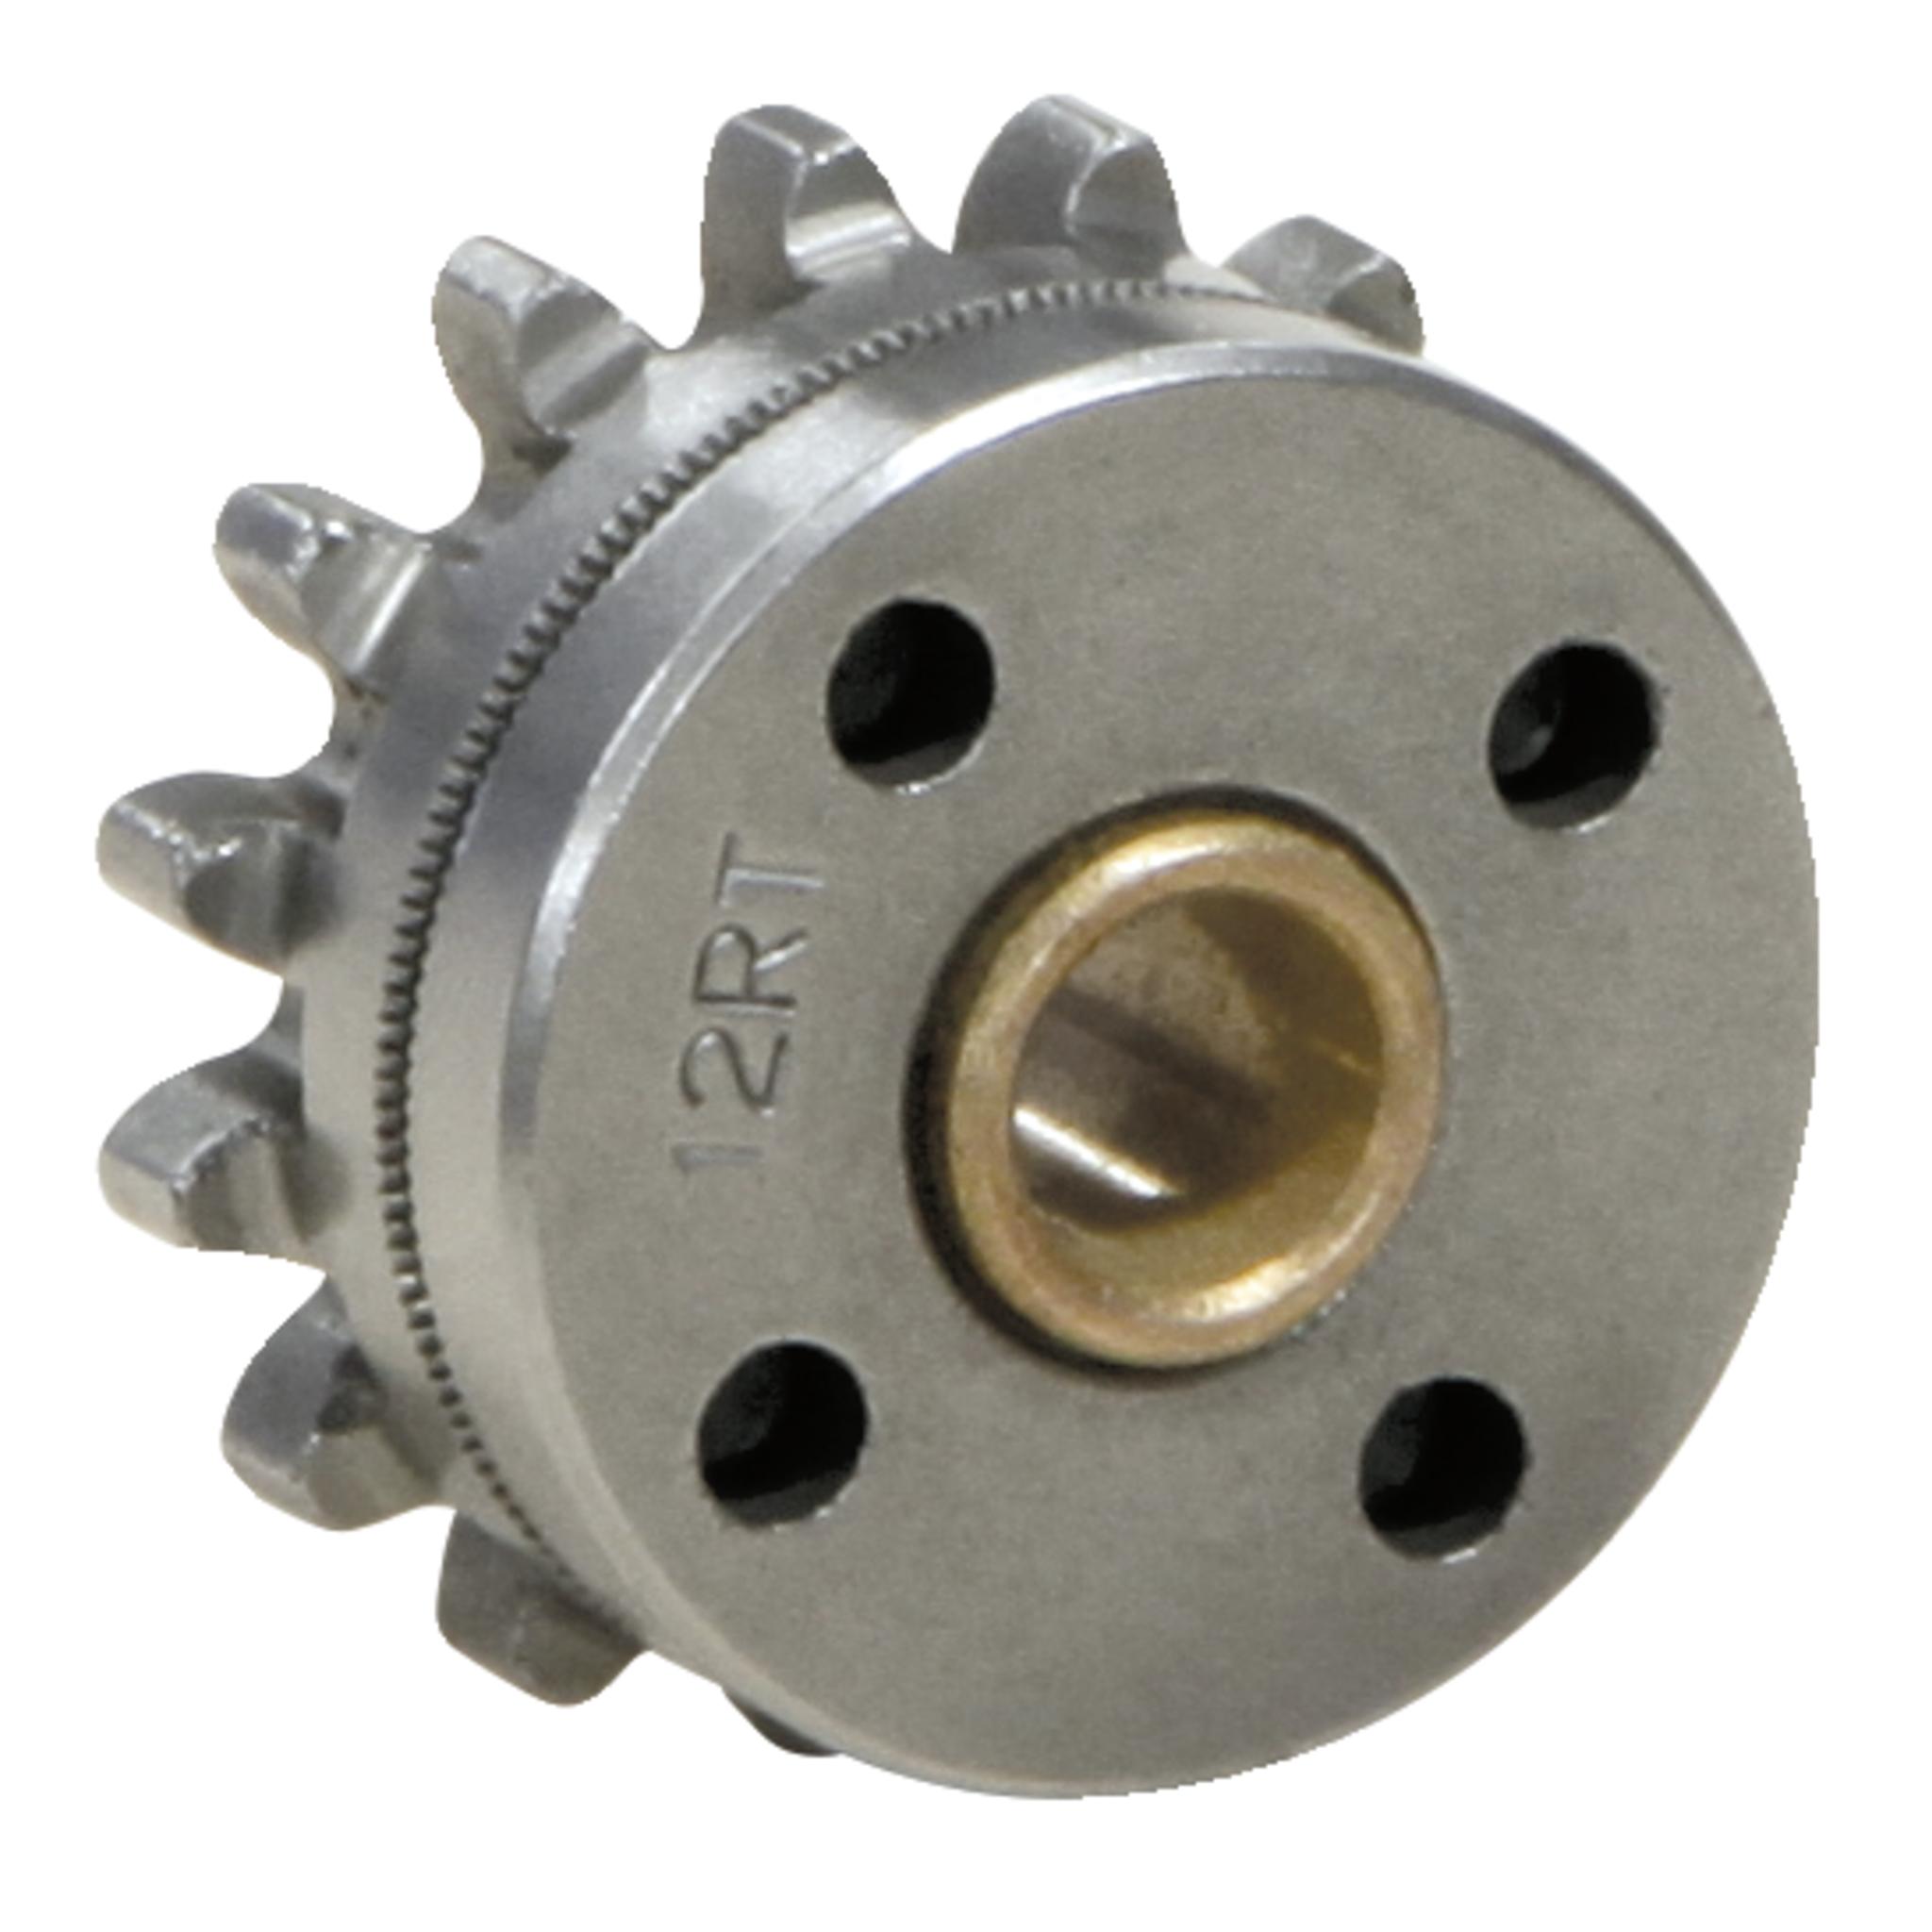 GYS 2 Vorschubrollen - Typ E - Ø 1,0 - Alu 038578